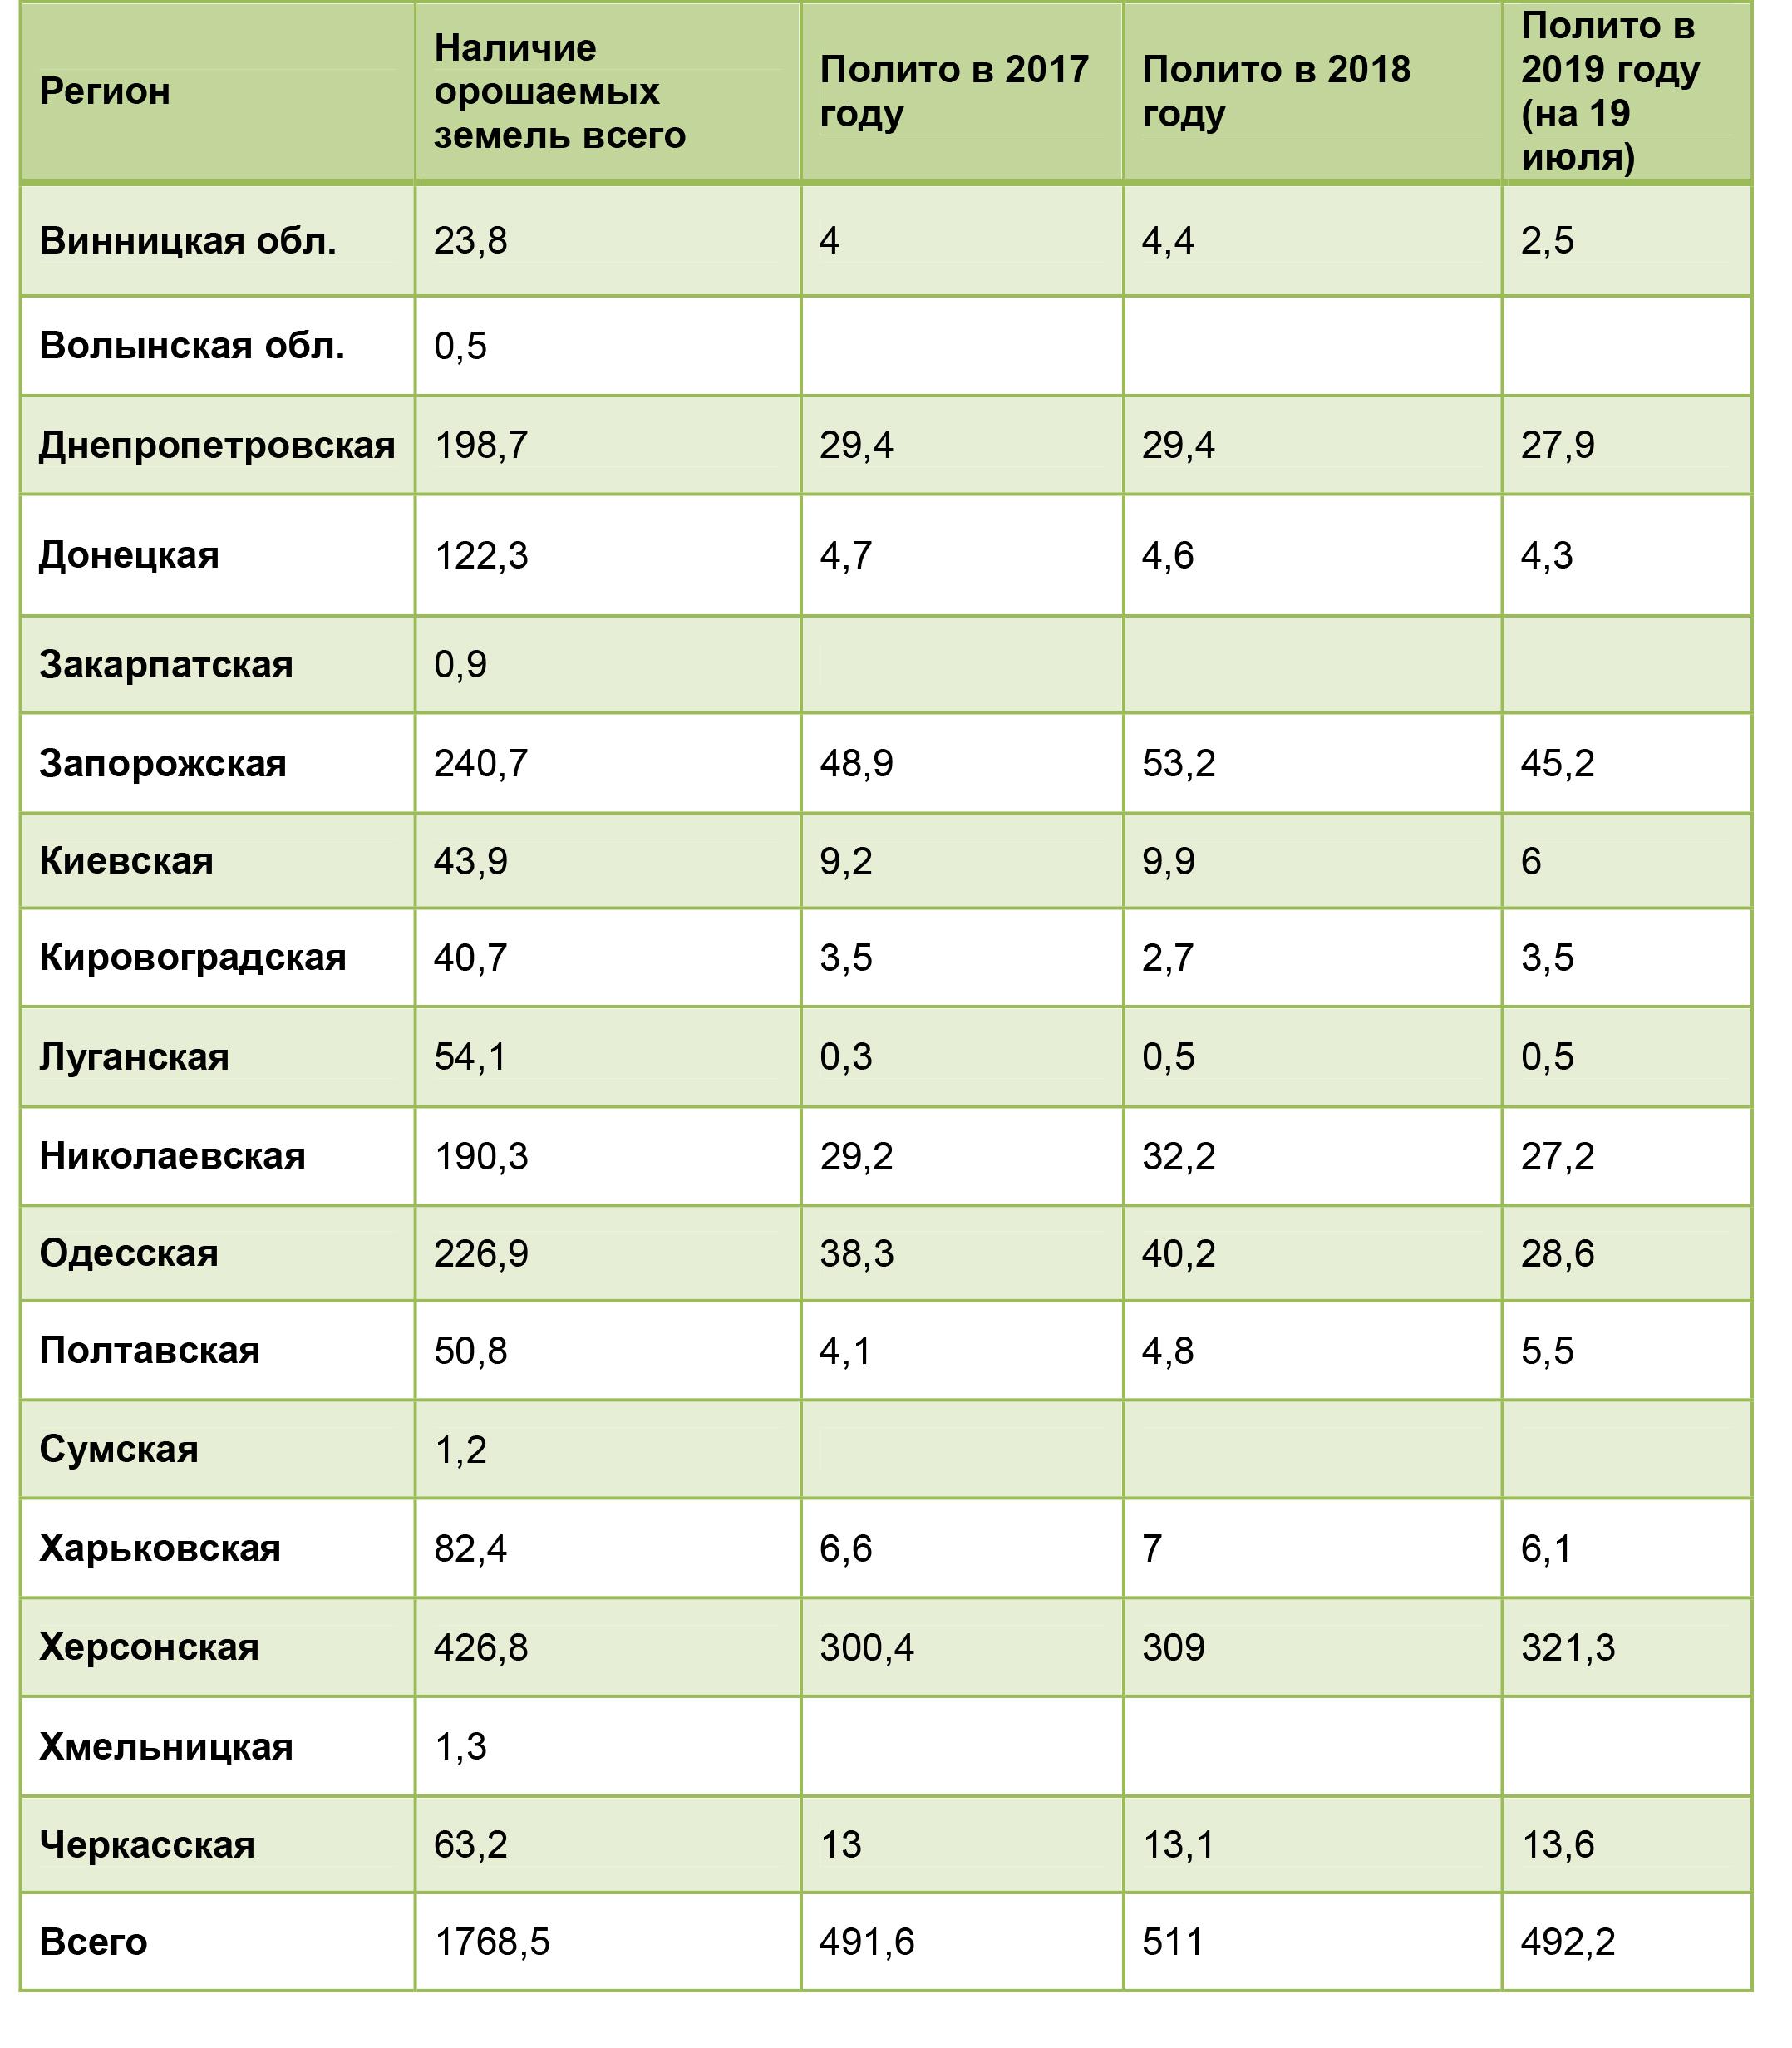 Орошаемые и политые земли в Украине, тыс. га по данным Государственного агентства водных ресурсов